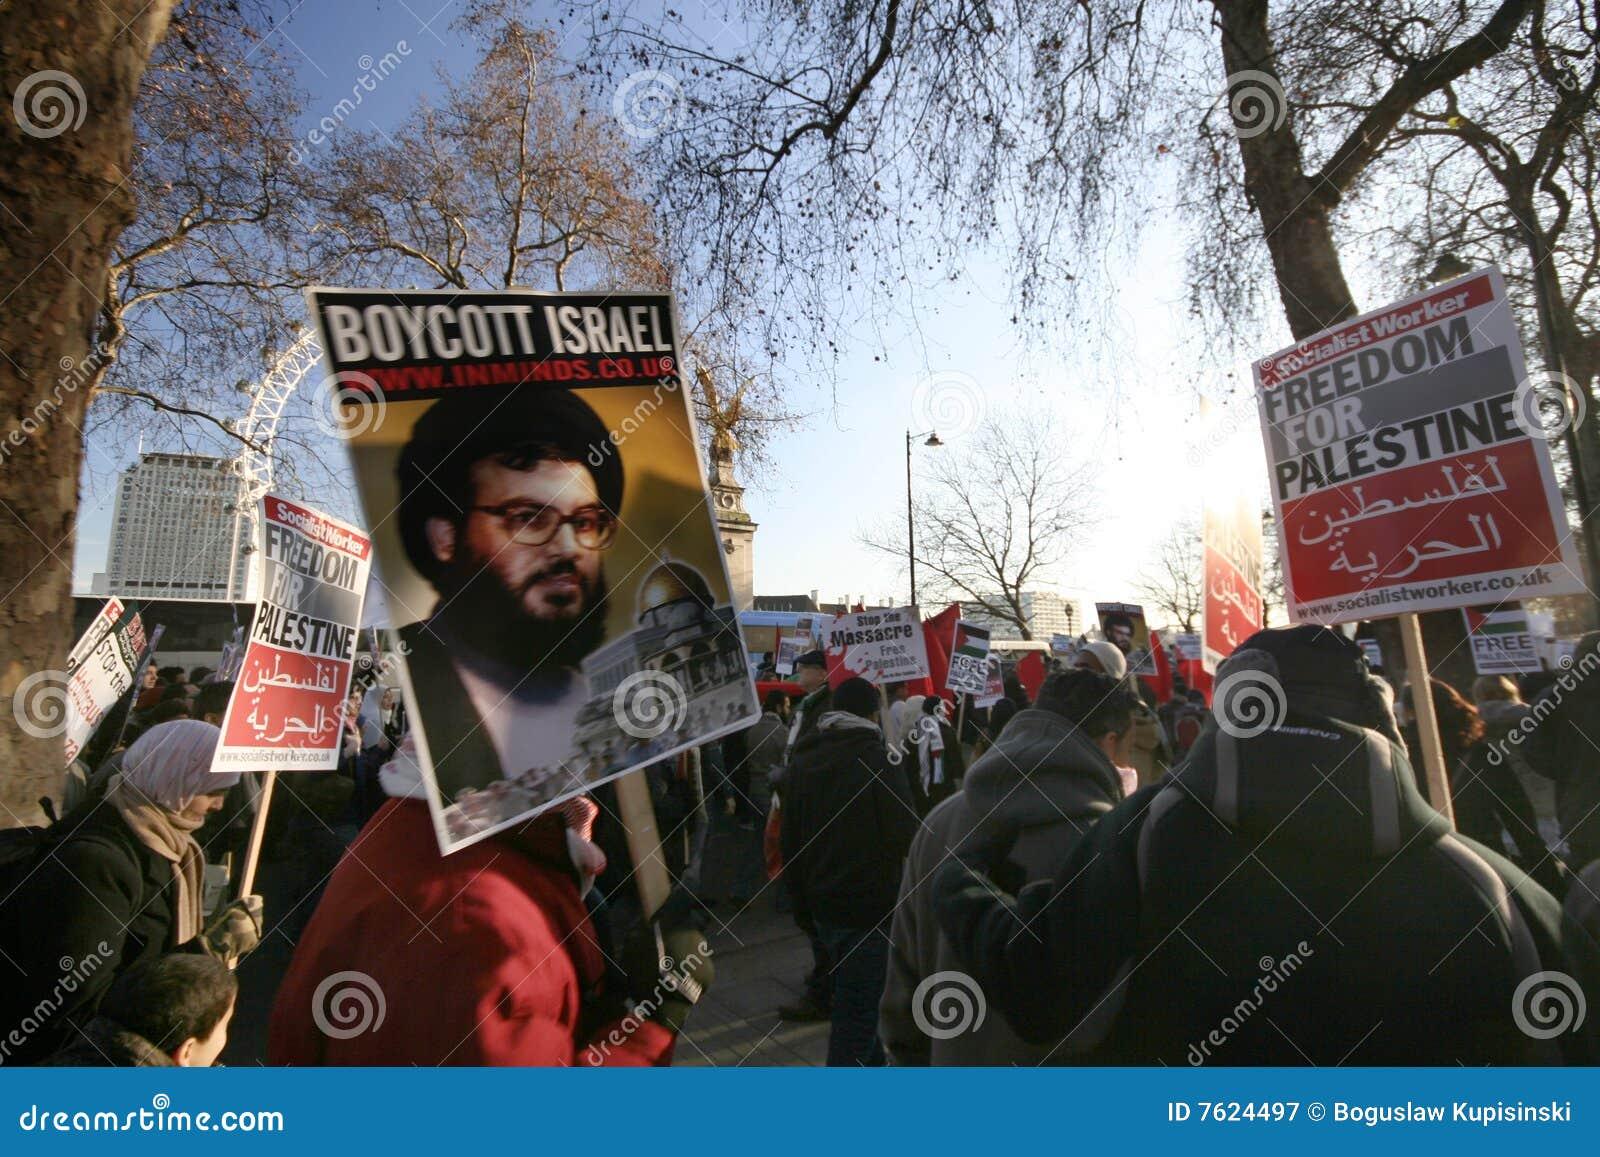 伦敦巴勒斯坦抗议者暴乱